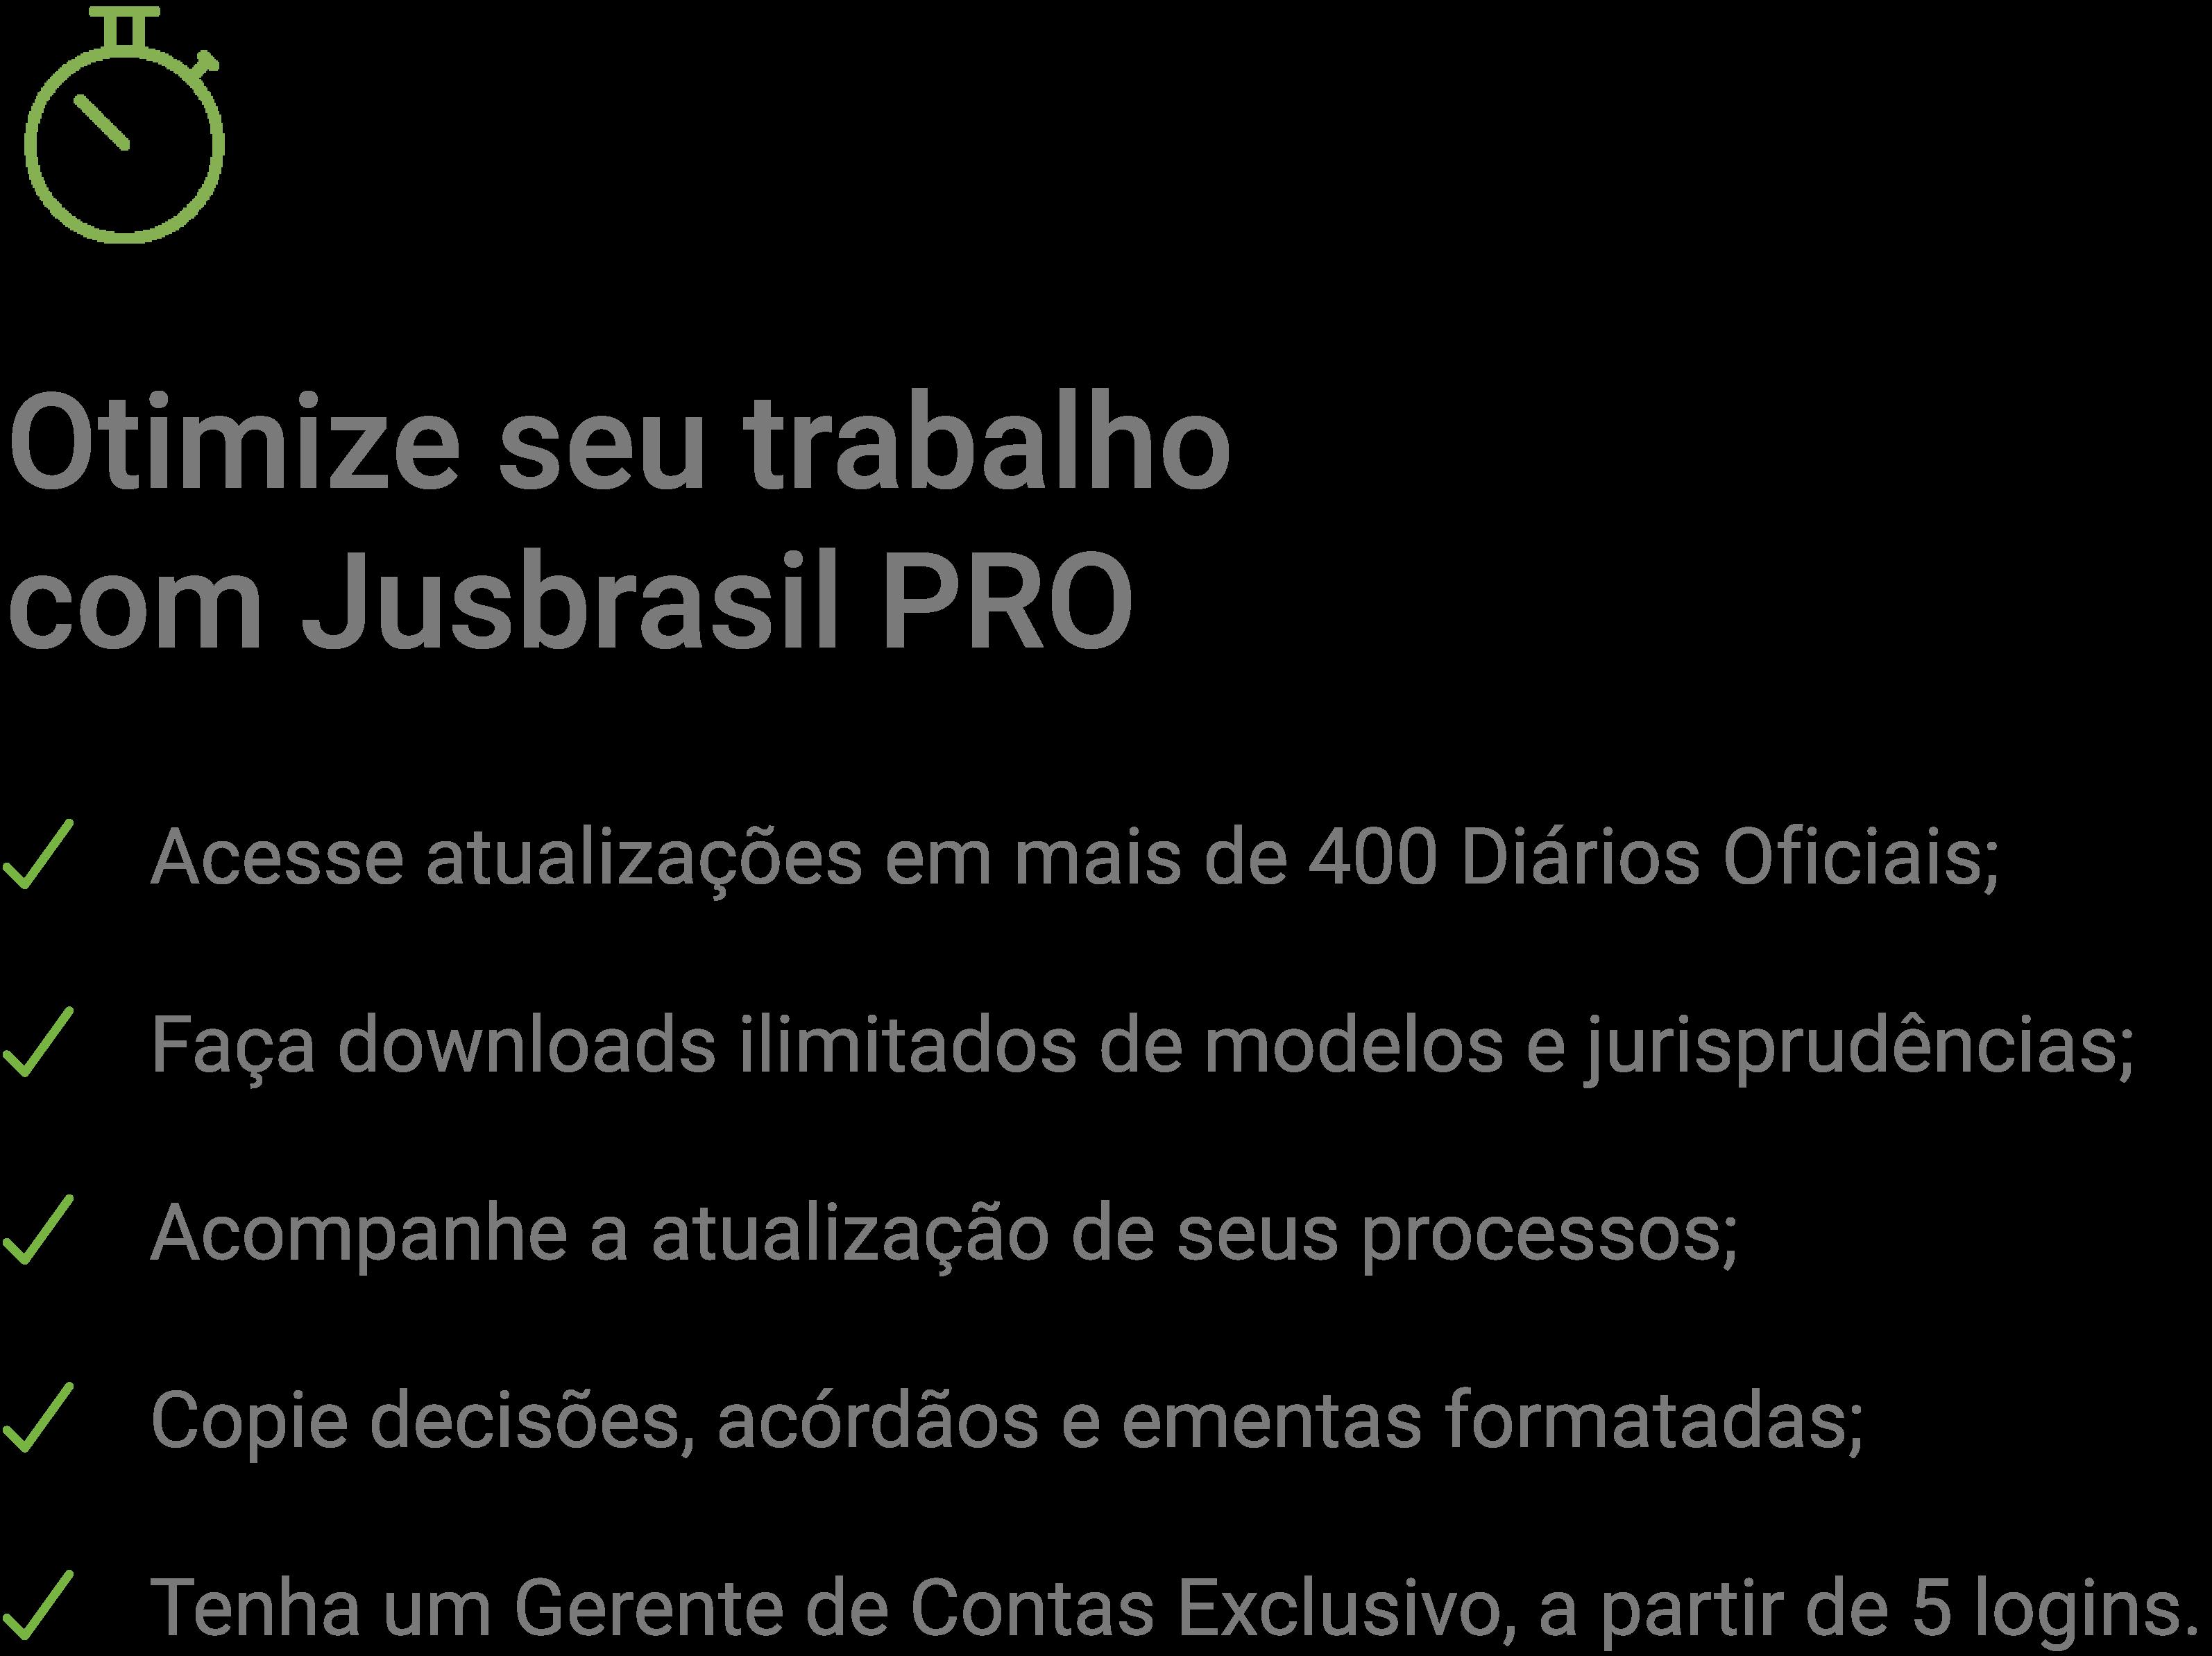 Otimize seu trabalho com Jusbrasil PRO. Acesse informações de diários oficiais, faça downloads de modelos e jurisprudências e muito mais.